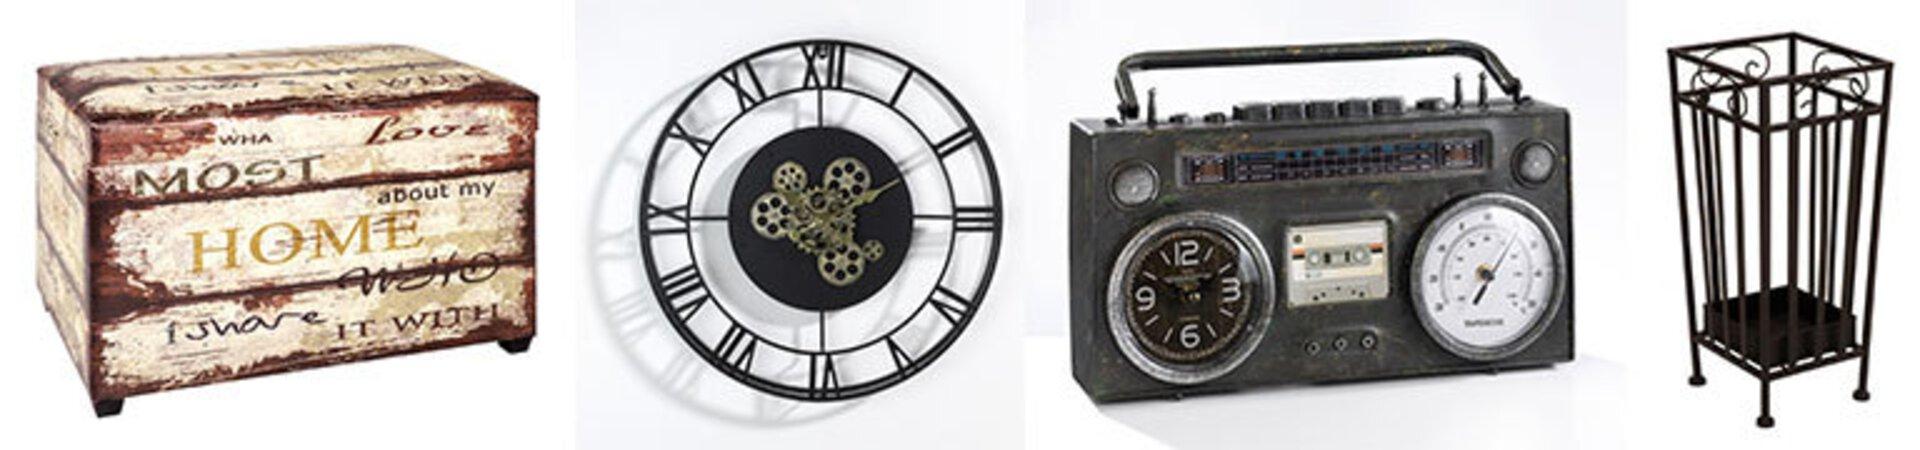 Bildbanner zeigt eine auf alte gemachte Truhe, eine schwarze Uhr mit römischen Ziffernund verschnörkelten Zeigern, eine Uhr in Form eines alten Transistor-Radios und ein eiserner Schirmständer. Alles Accessoires für den perfekten Vintage-Einrichtungsstil.